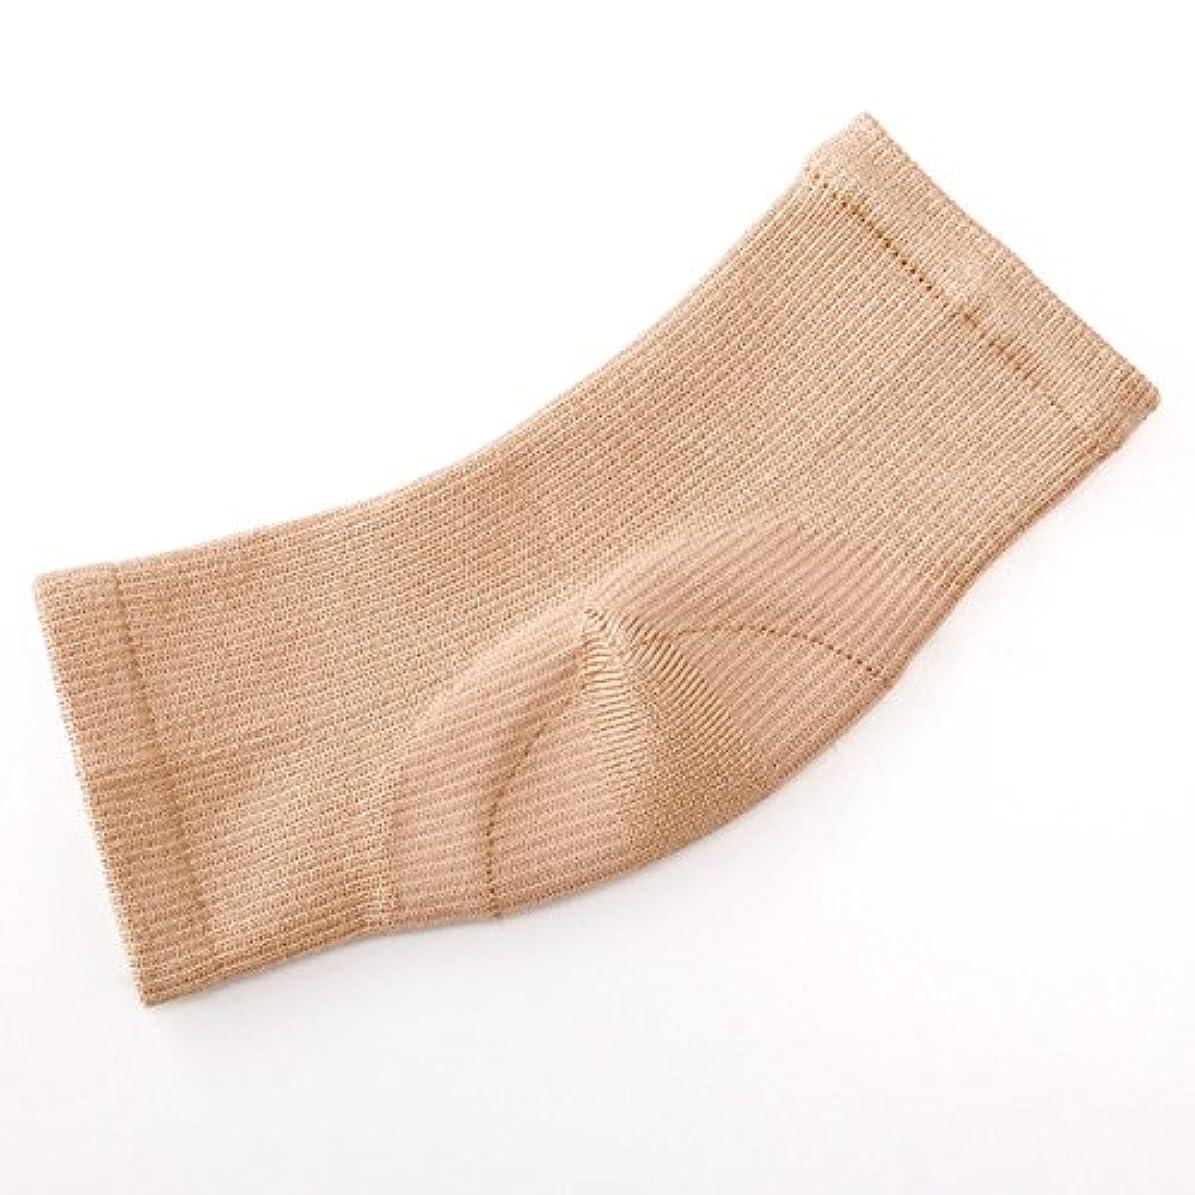 検索休憩汚染シルク混かかと足裏つるるん シルク混 フットカバー かかと 保湿 フットケア 靴下